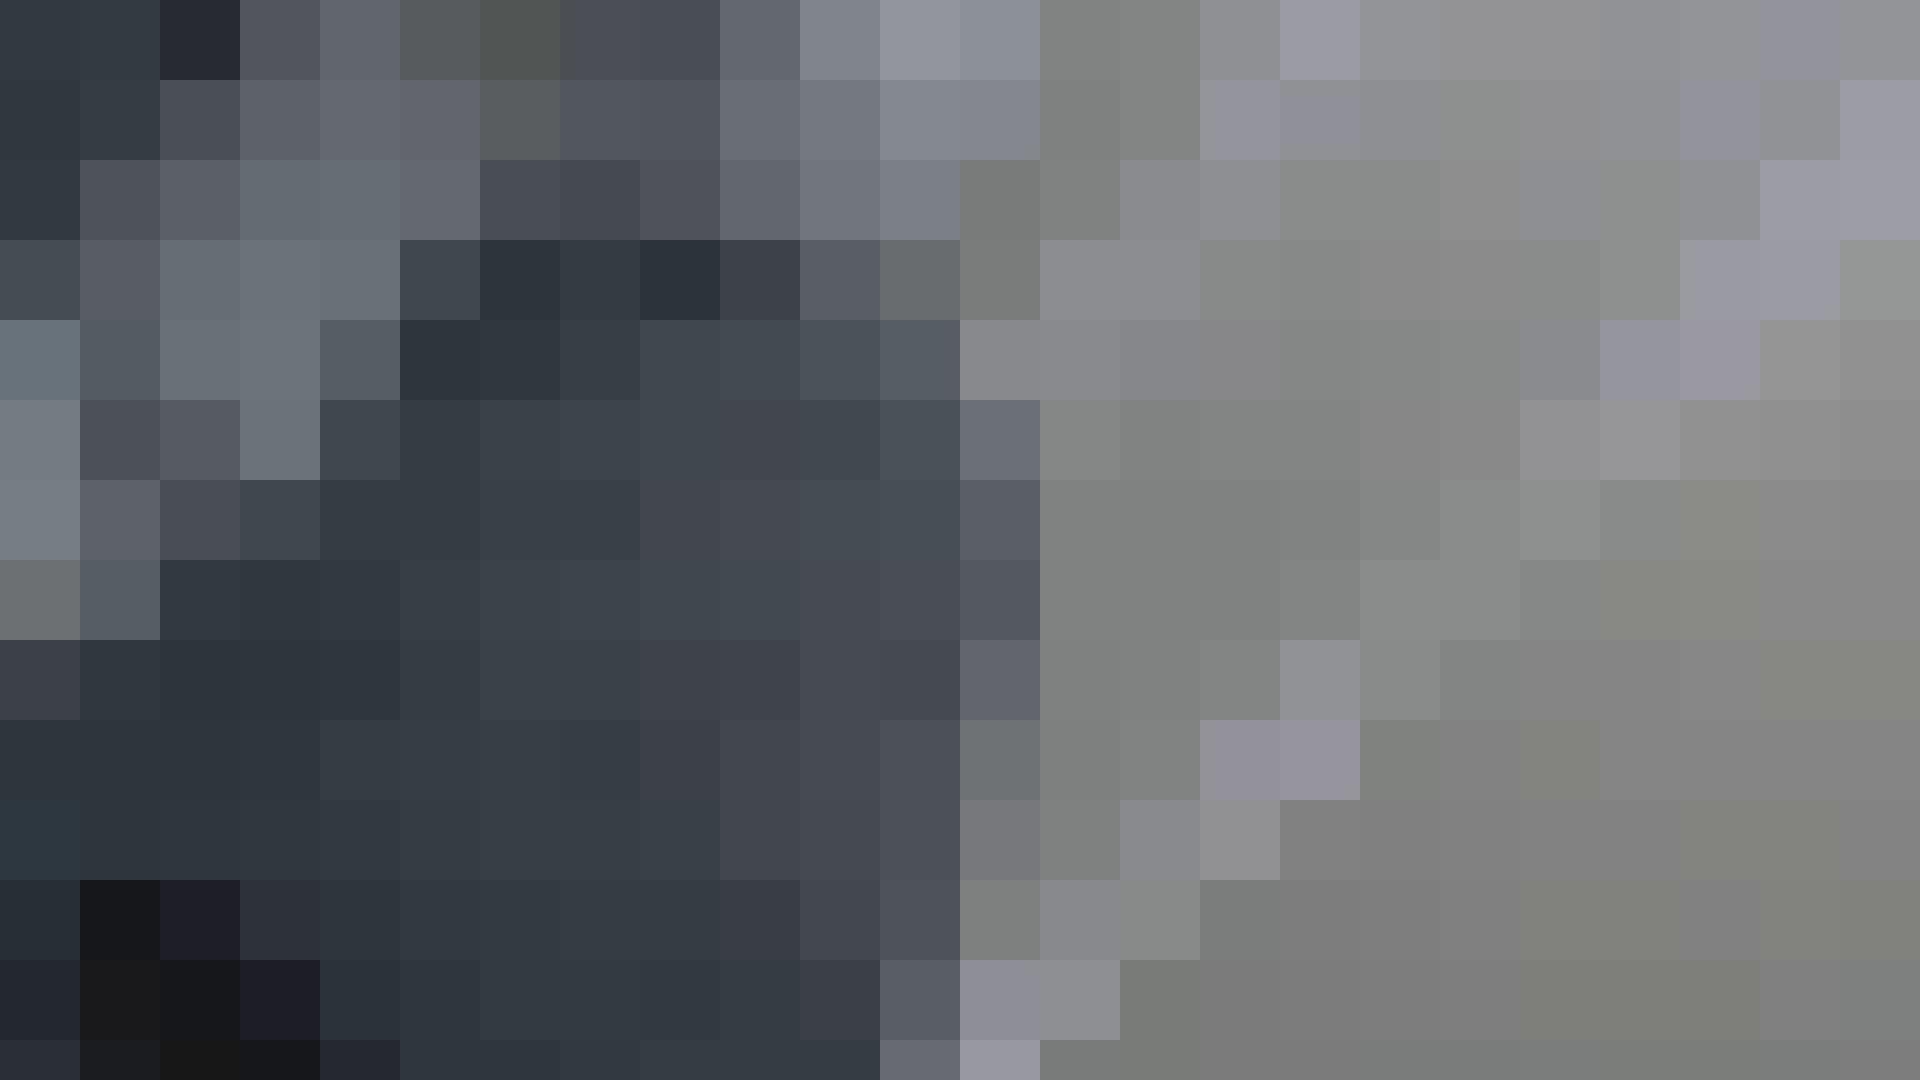 お市さんの「お尻丸出しジャンボリー」No.4 美人編 | 丸見え  104画像 101